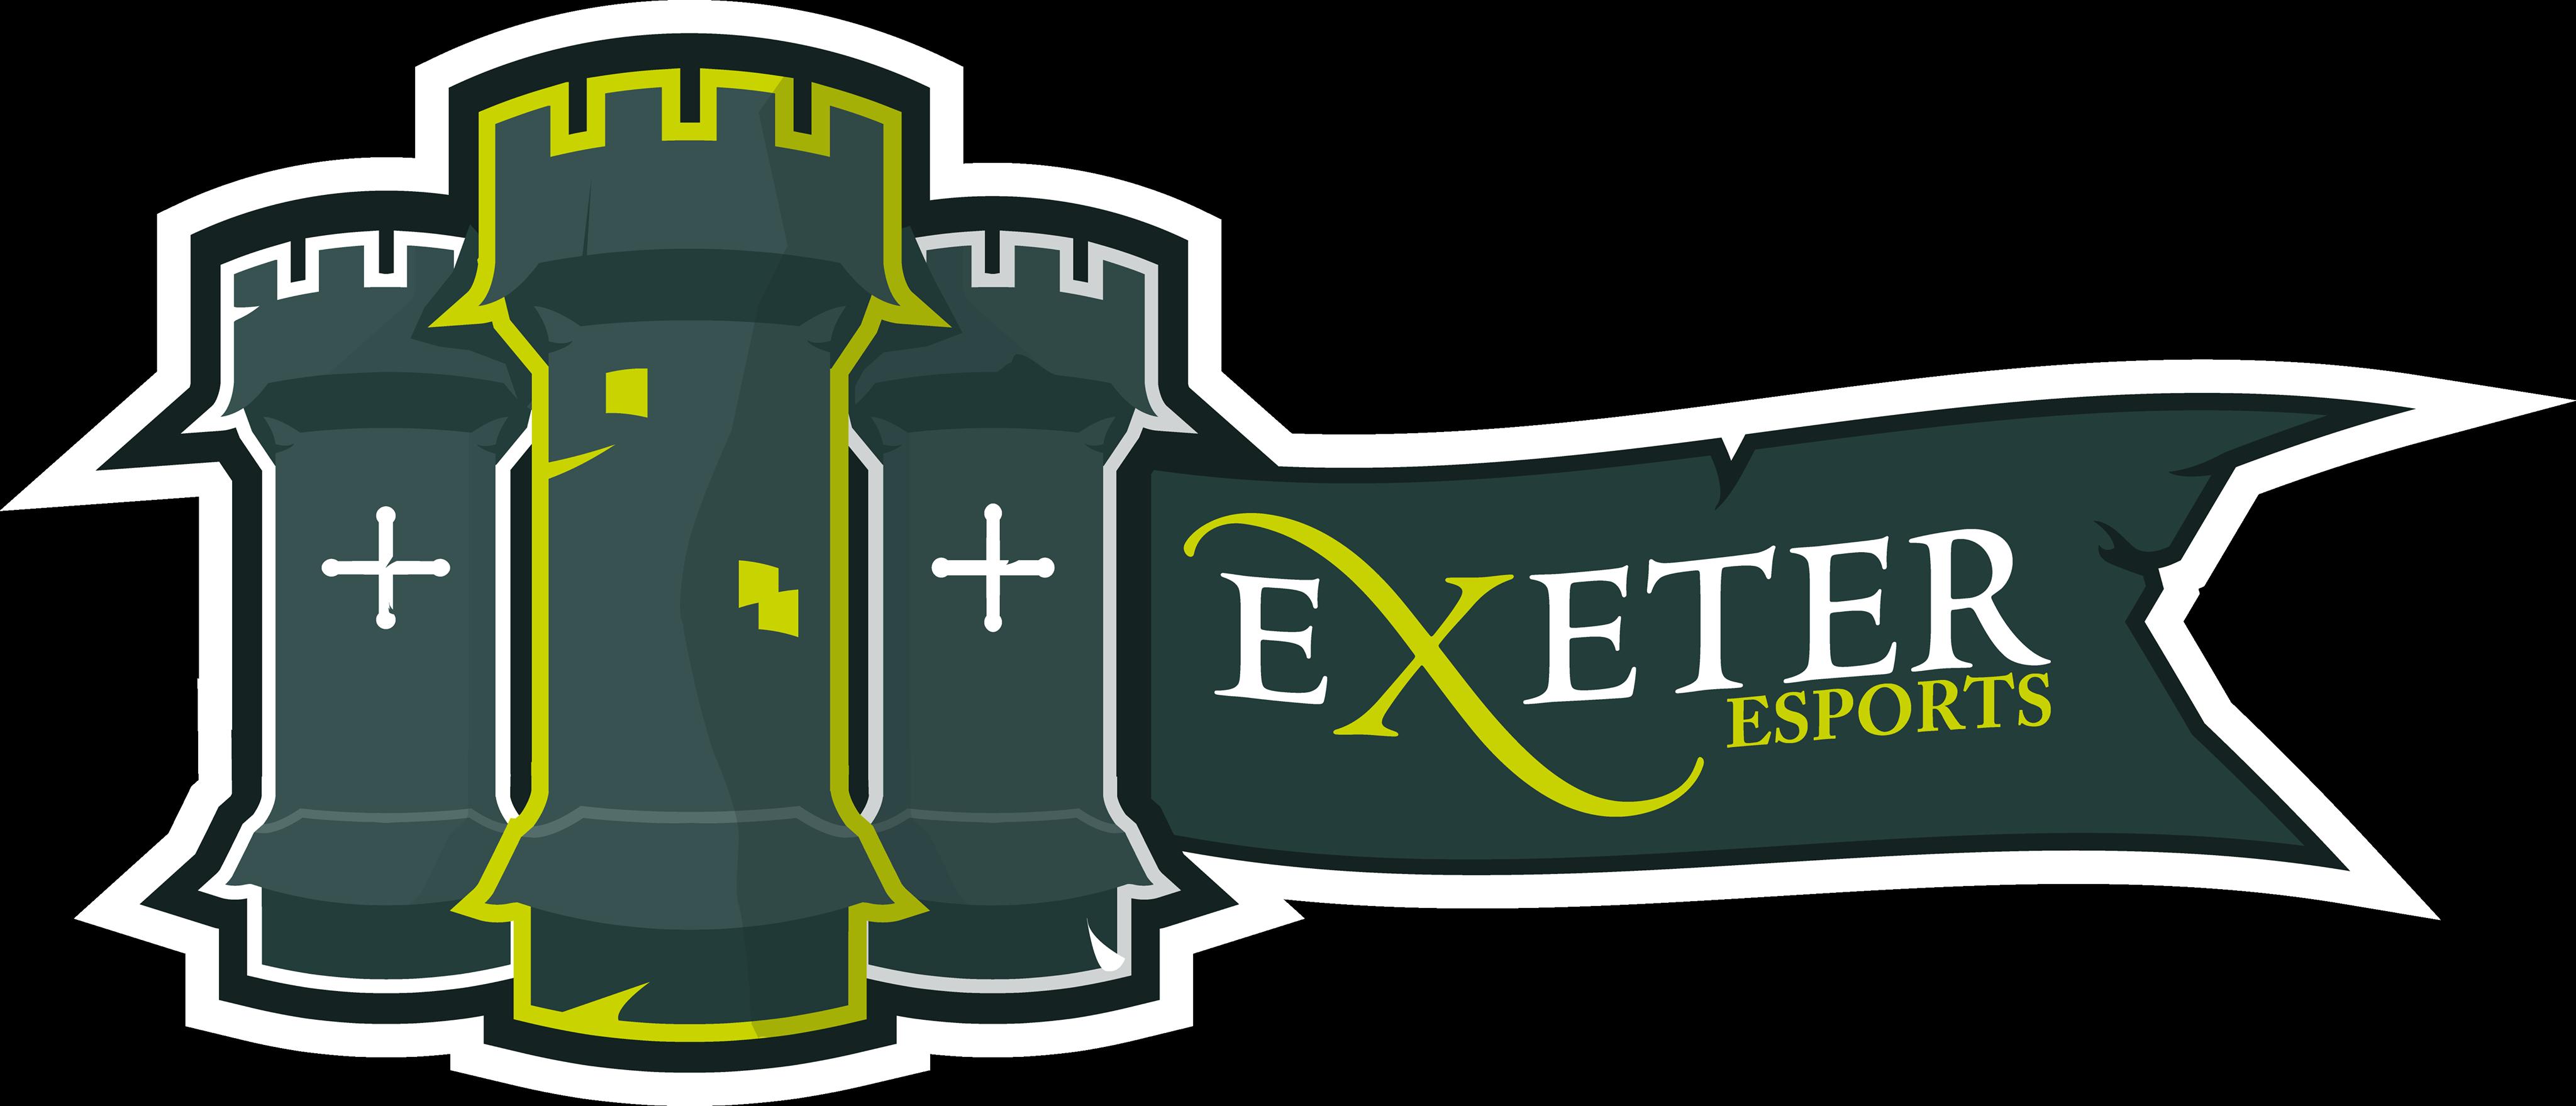 Background Exeter Esports Society